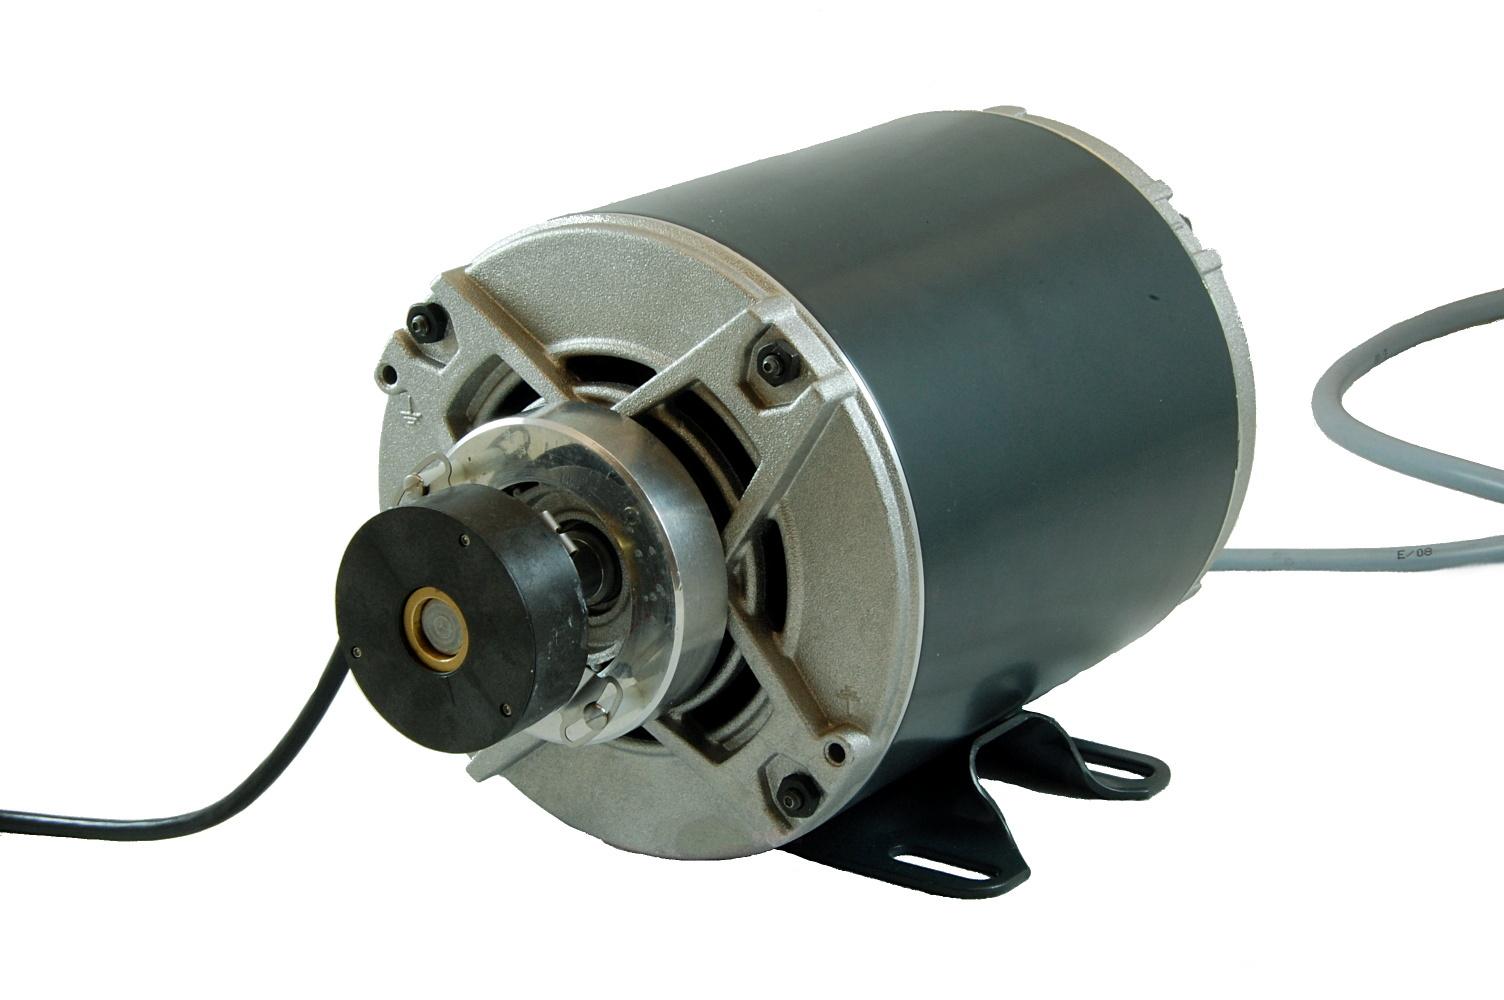 Ac Induction Motor For Tmdshvmtrpfckit Hvacimtr Ti